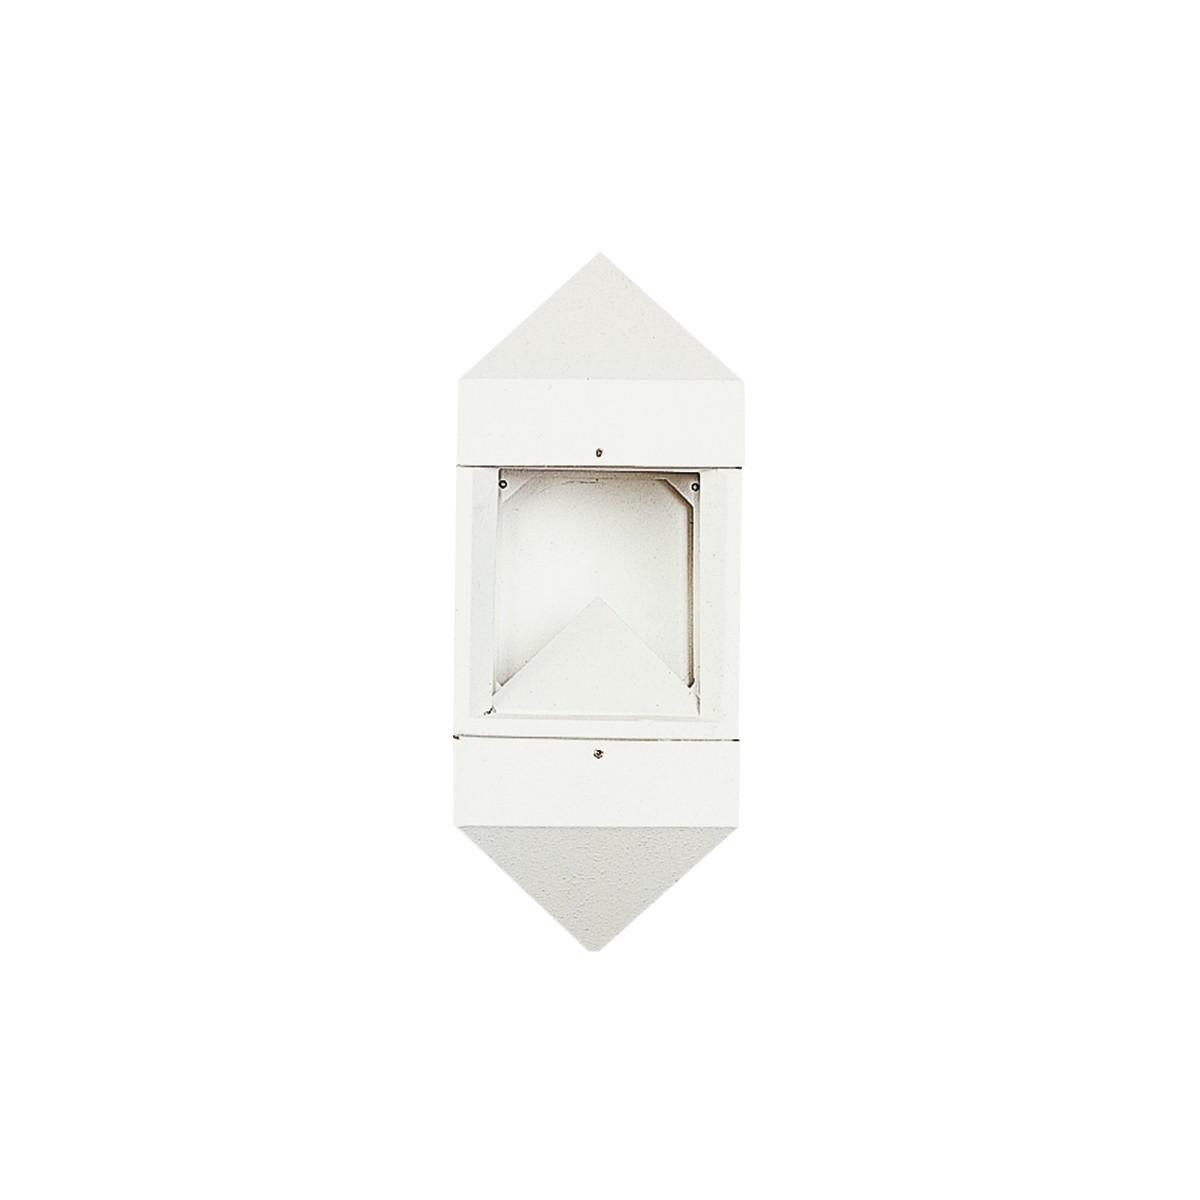 Albert 0699 Außenwandleuchte LED, weiß